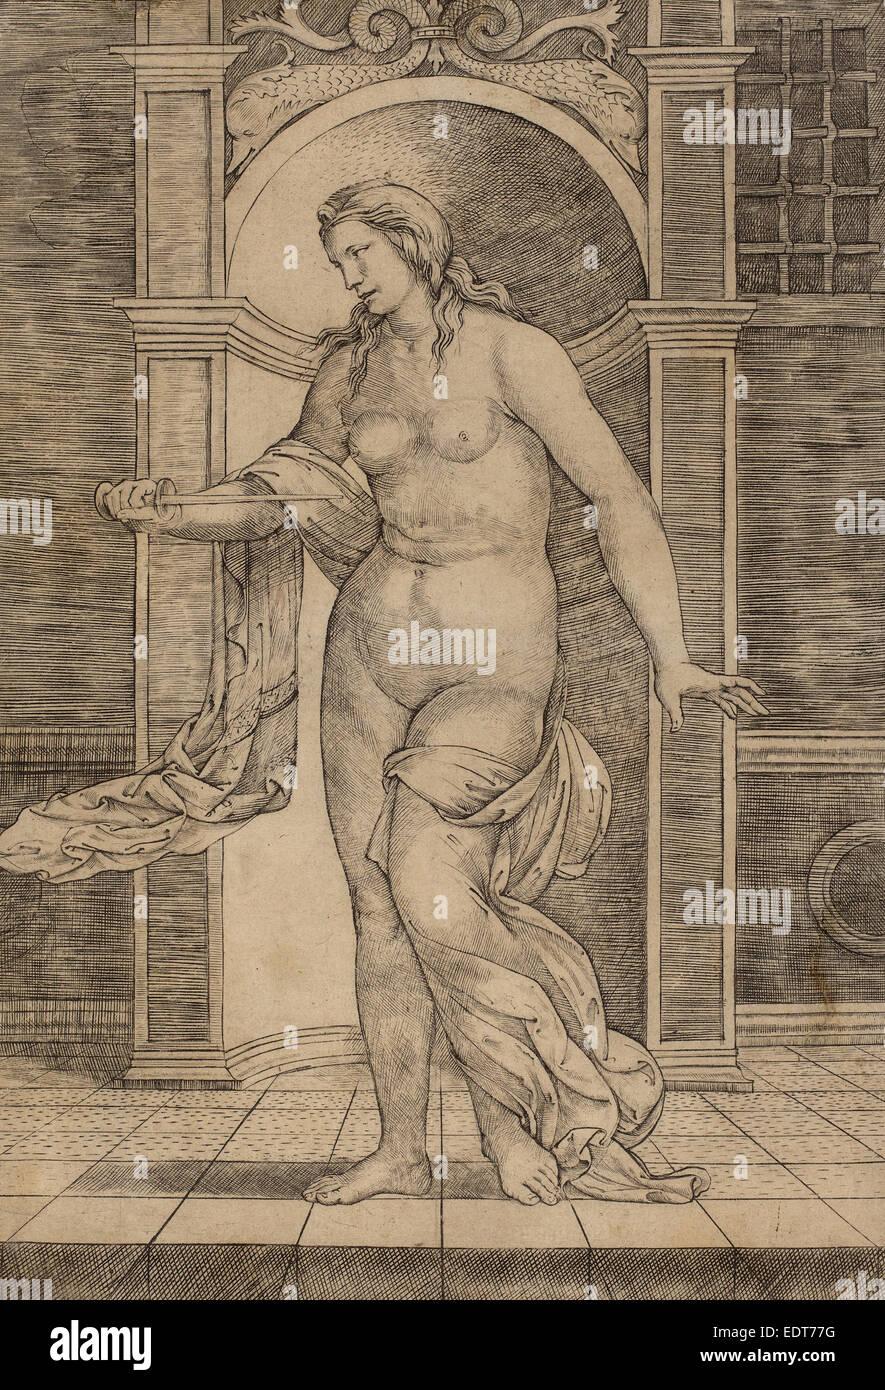 Jacopo Francia (italiano, 1486 o prima - 1557), Lucrezia, c. 1510, incisione Immagini Stock